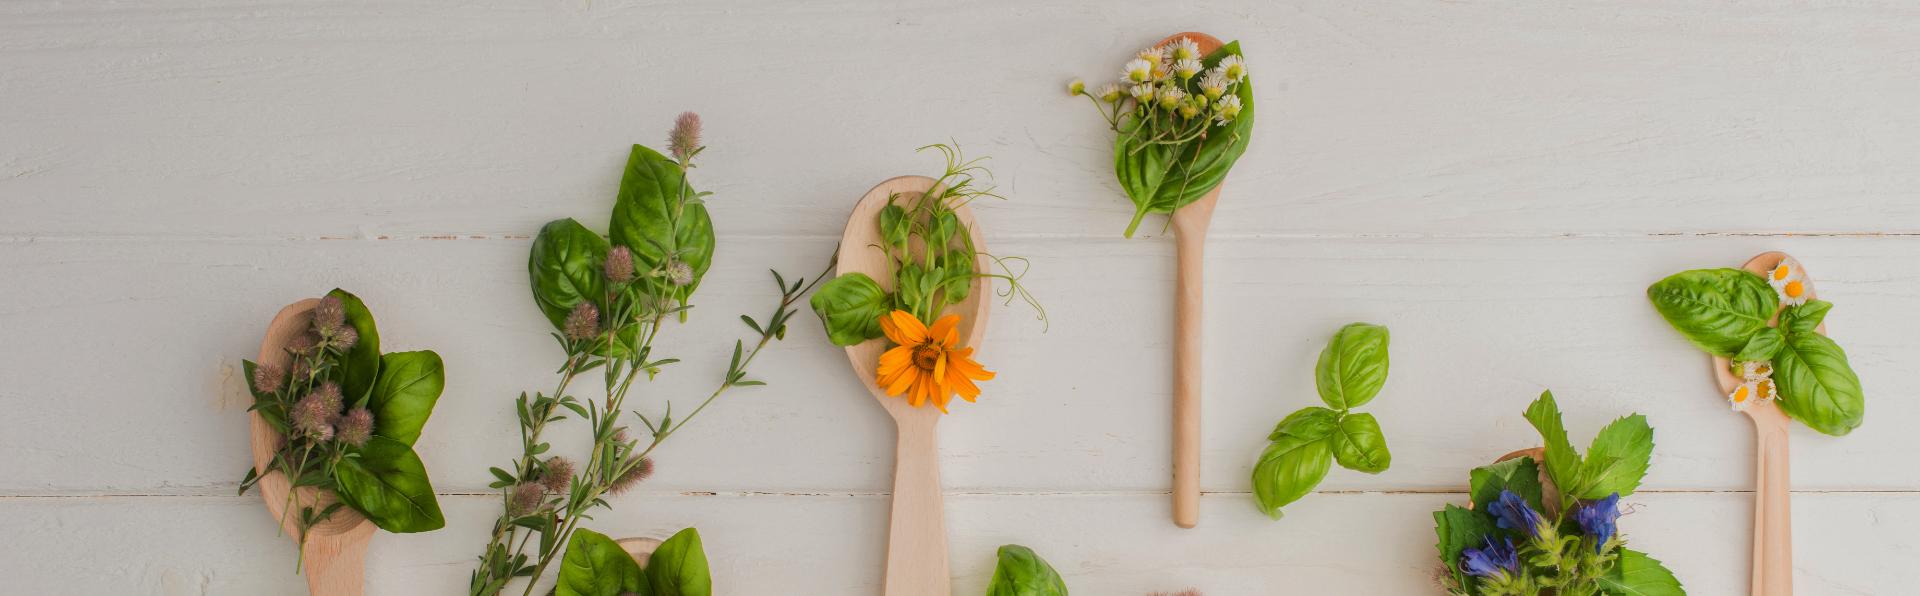 növények asztalon